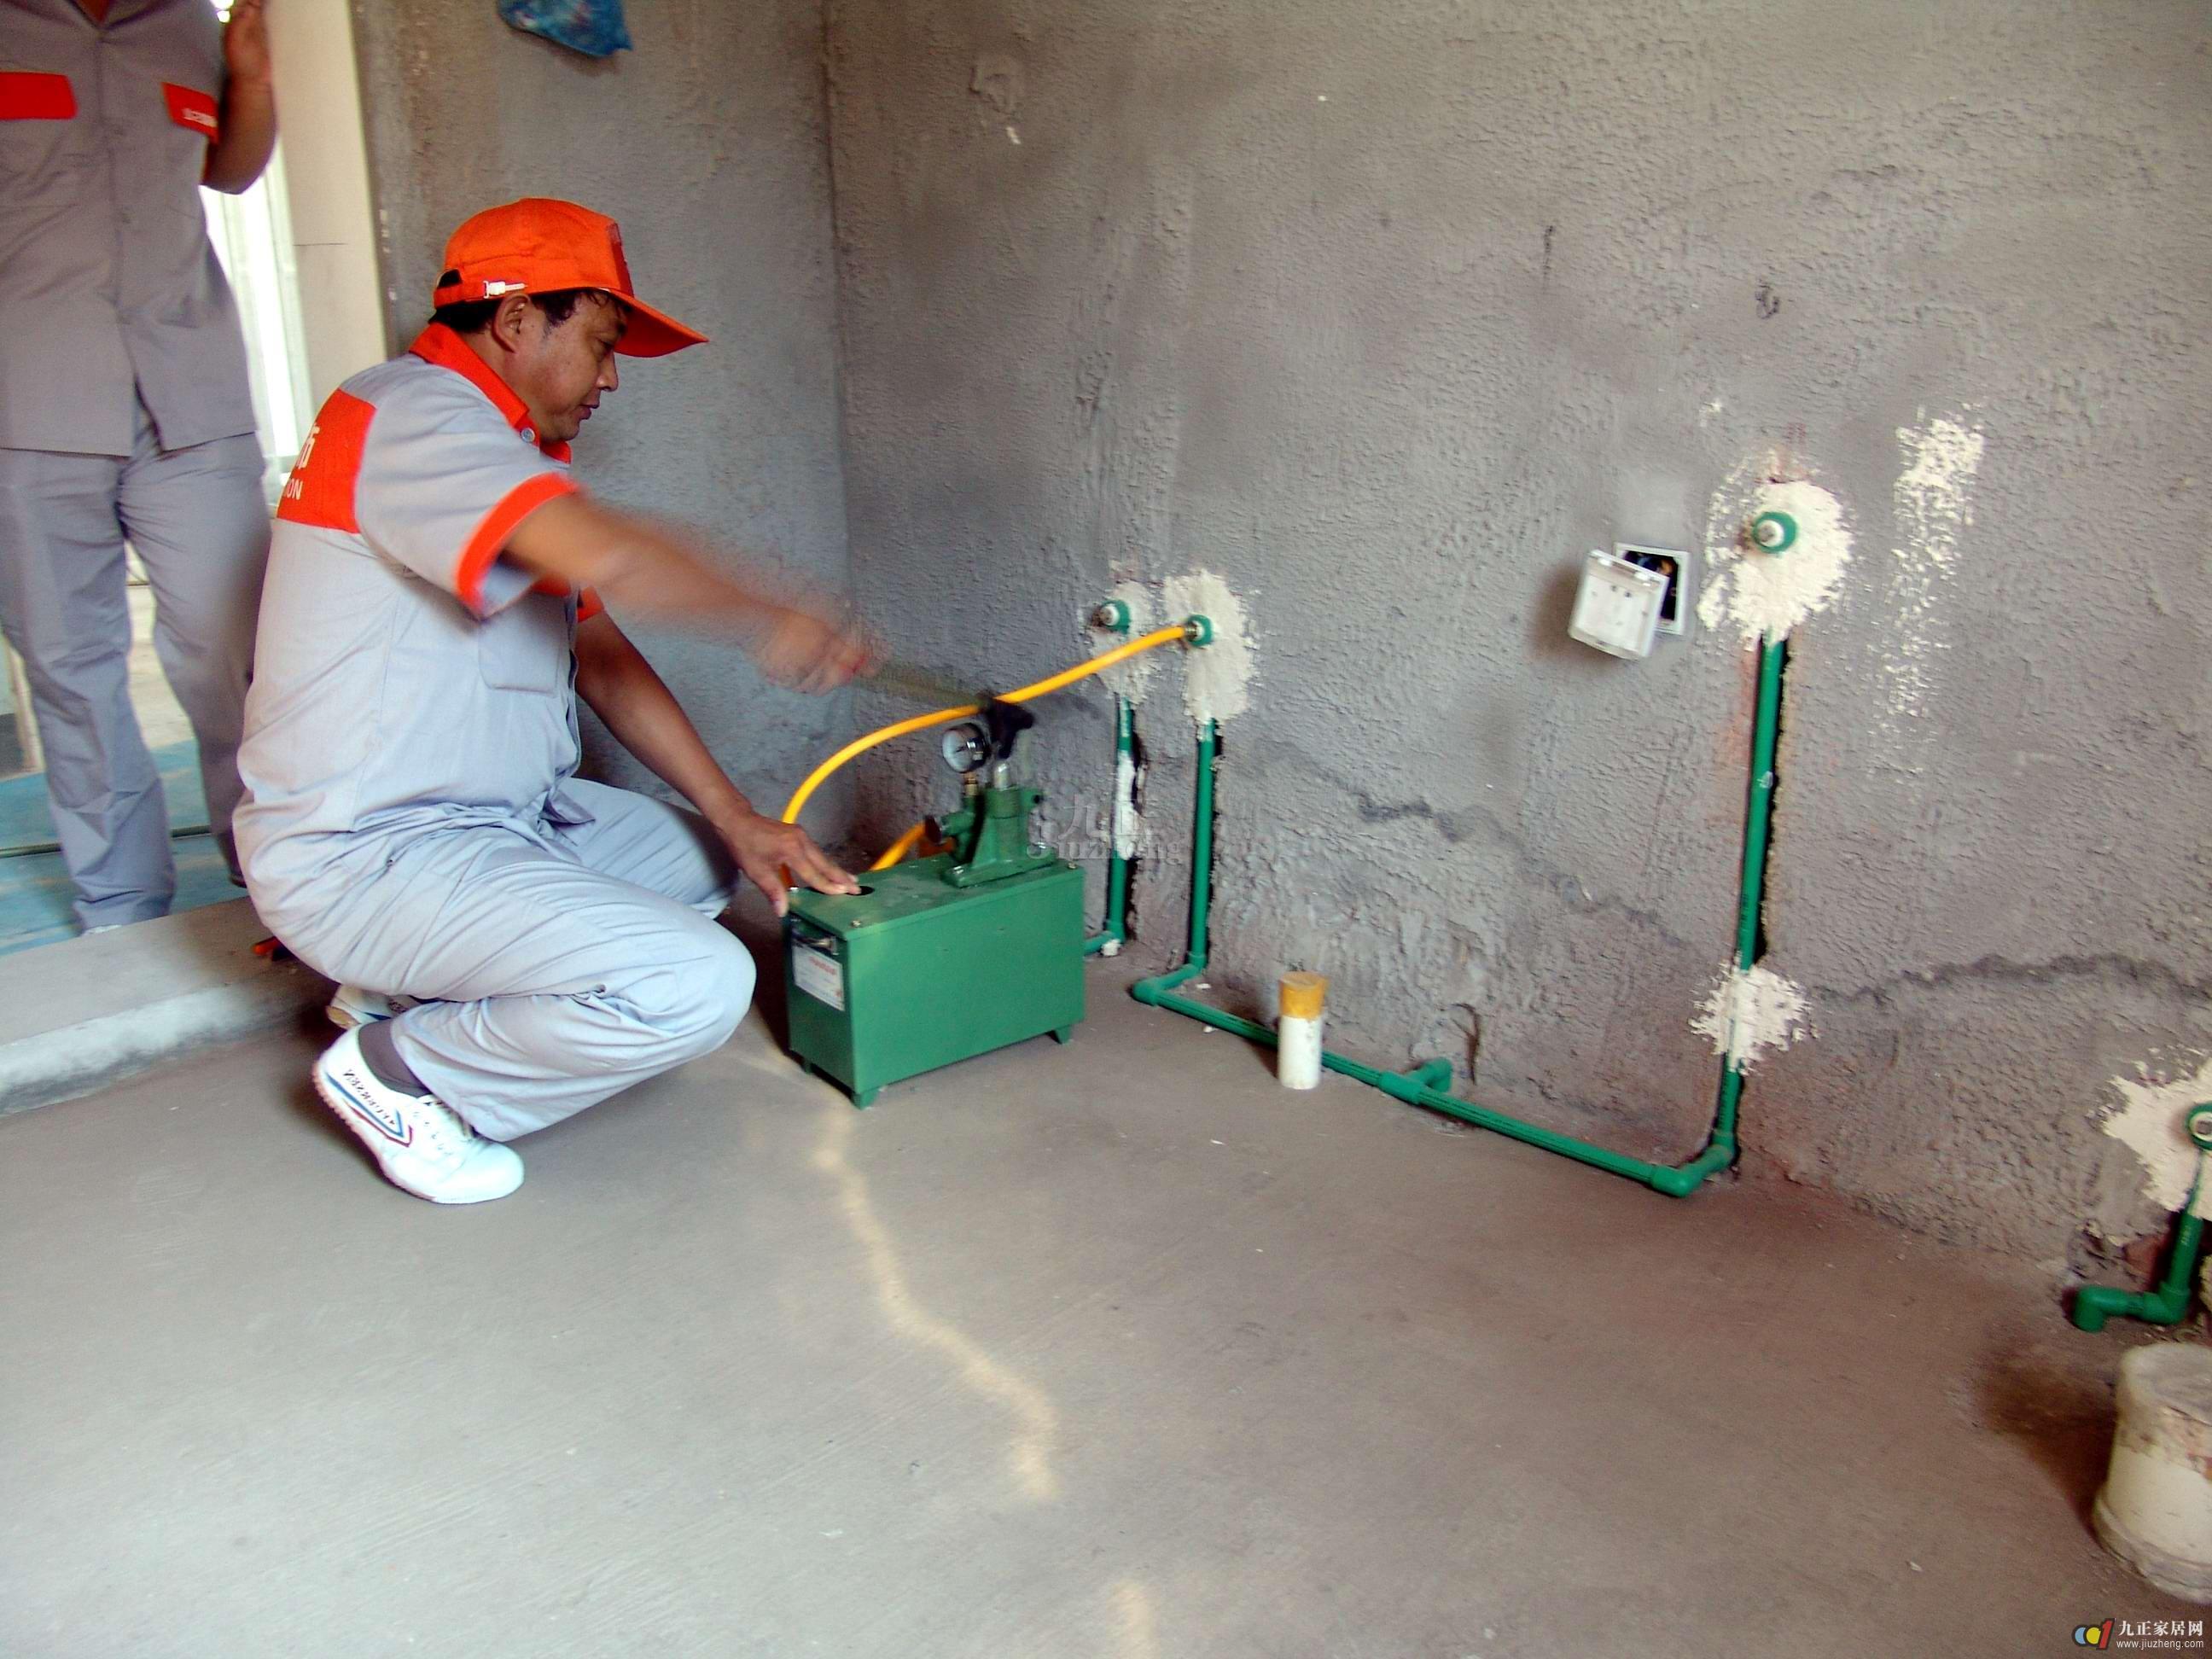 怎样验收电路 电路工程验收三步走 - 装修知识 - 九正